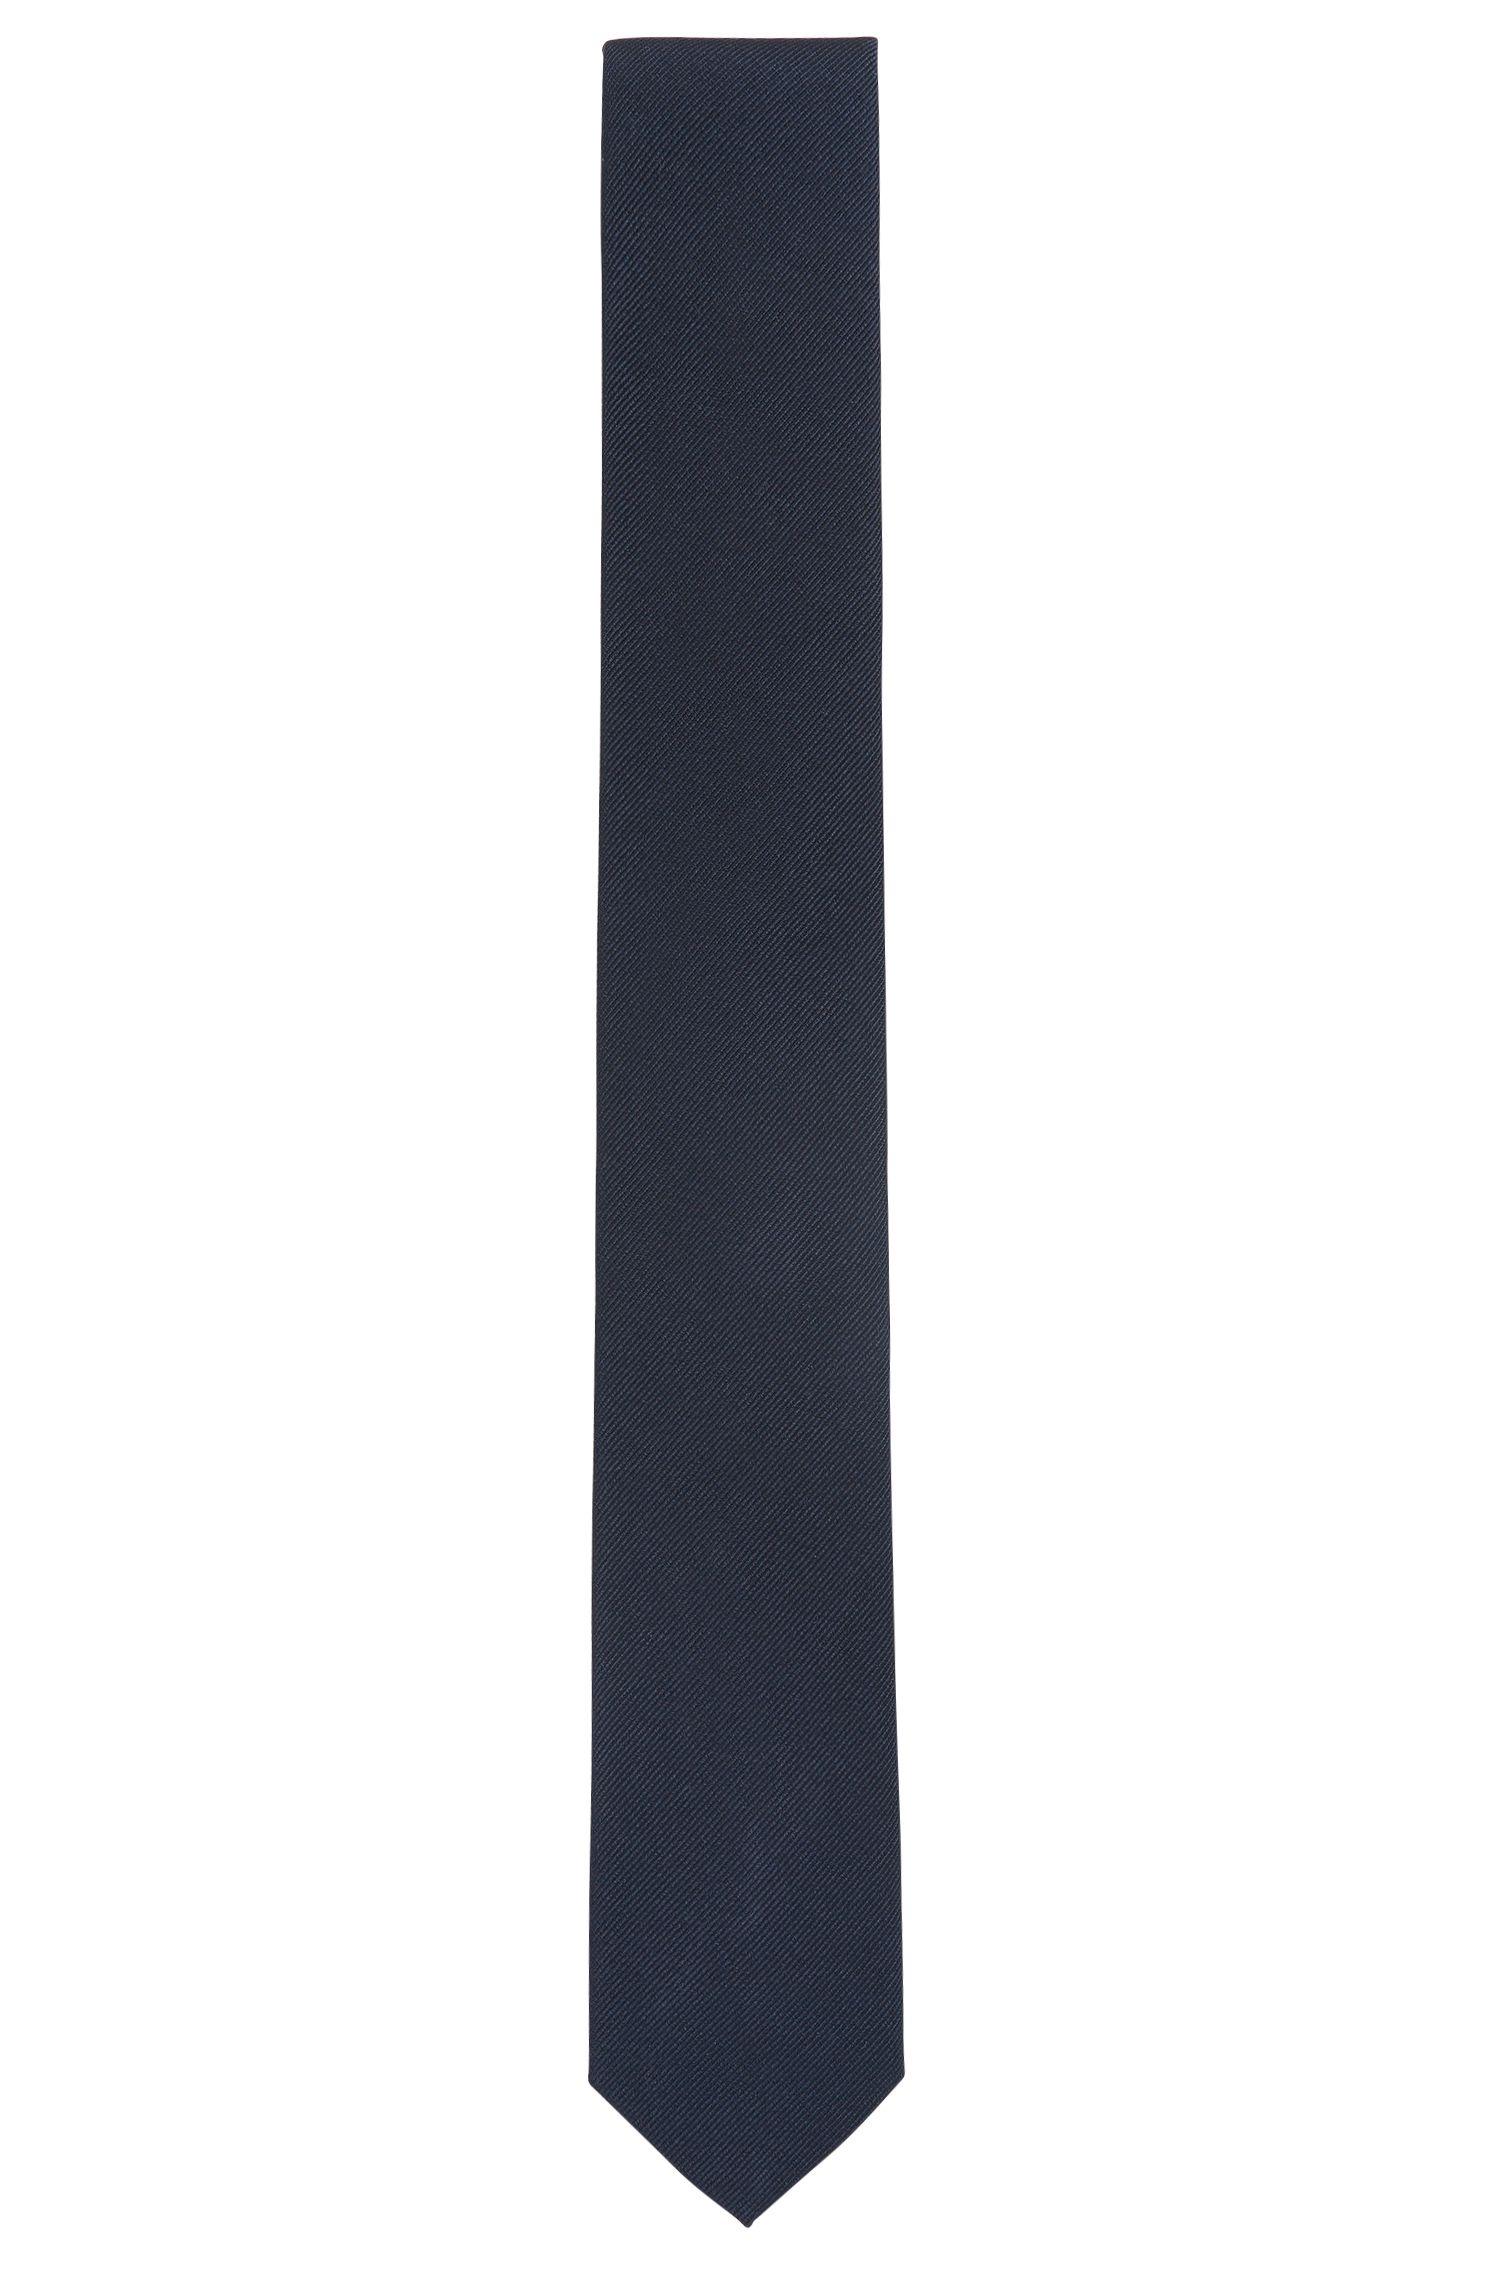 In Italië vervaardigde stropdas van jacquardzijde